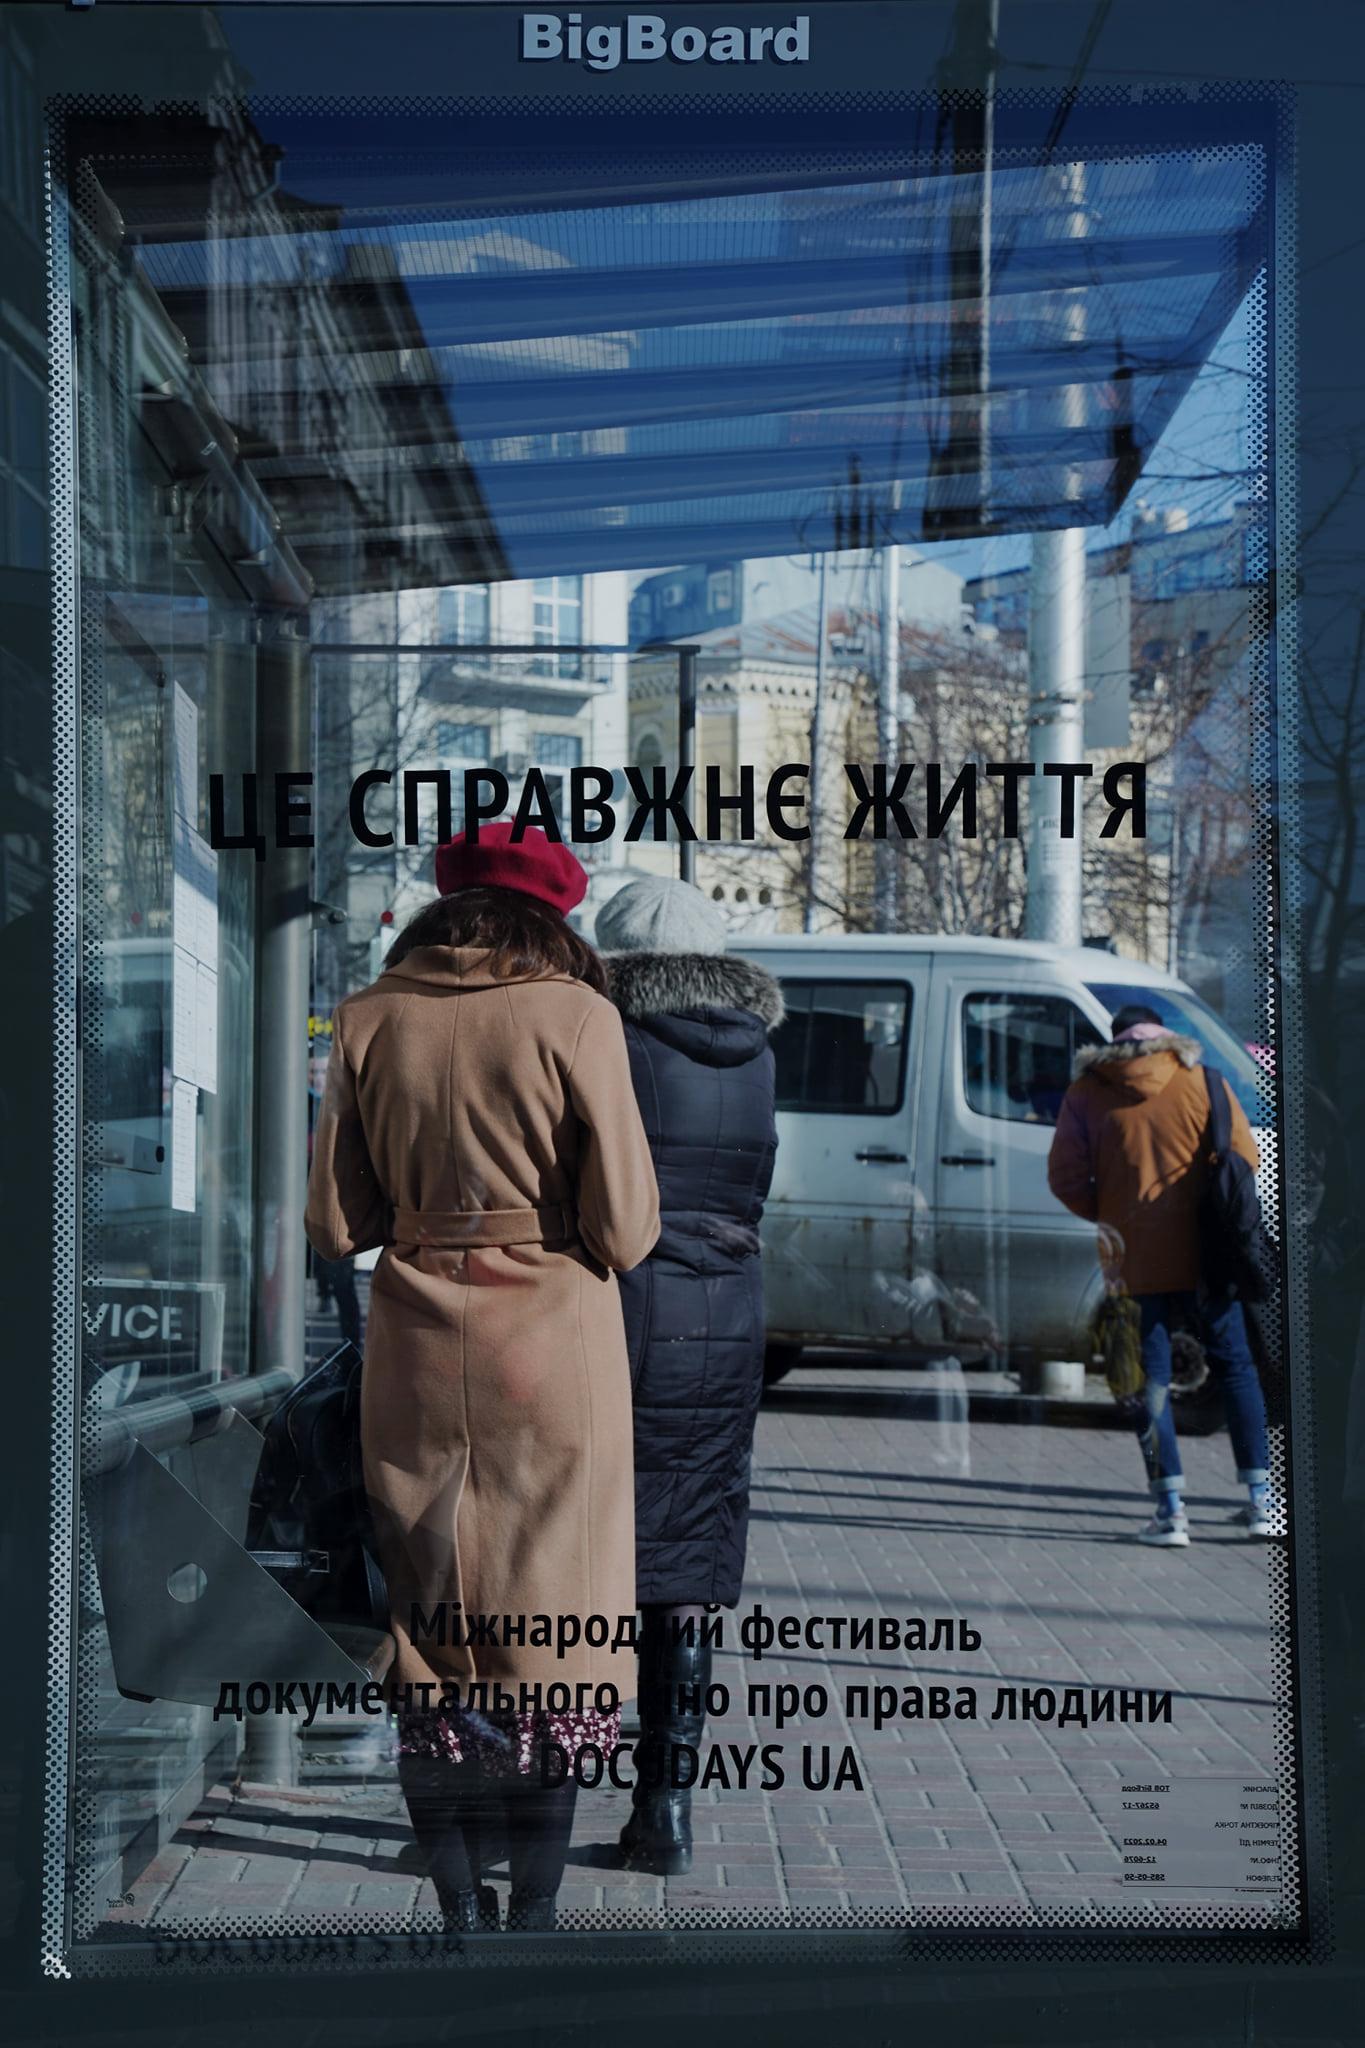 Docudays UA 2021: стартовал 18-й фестиваль документального кино о правах человека - фото №1